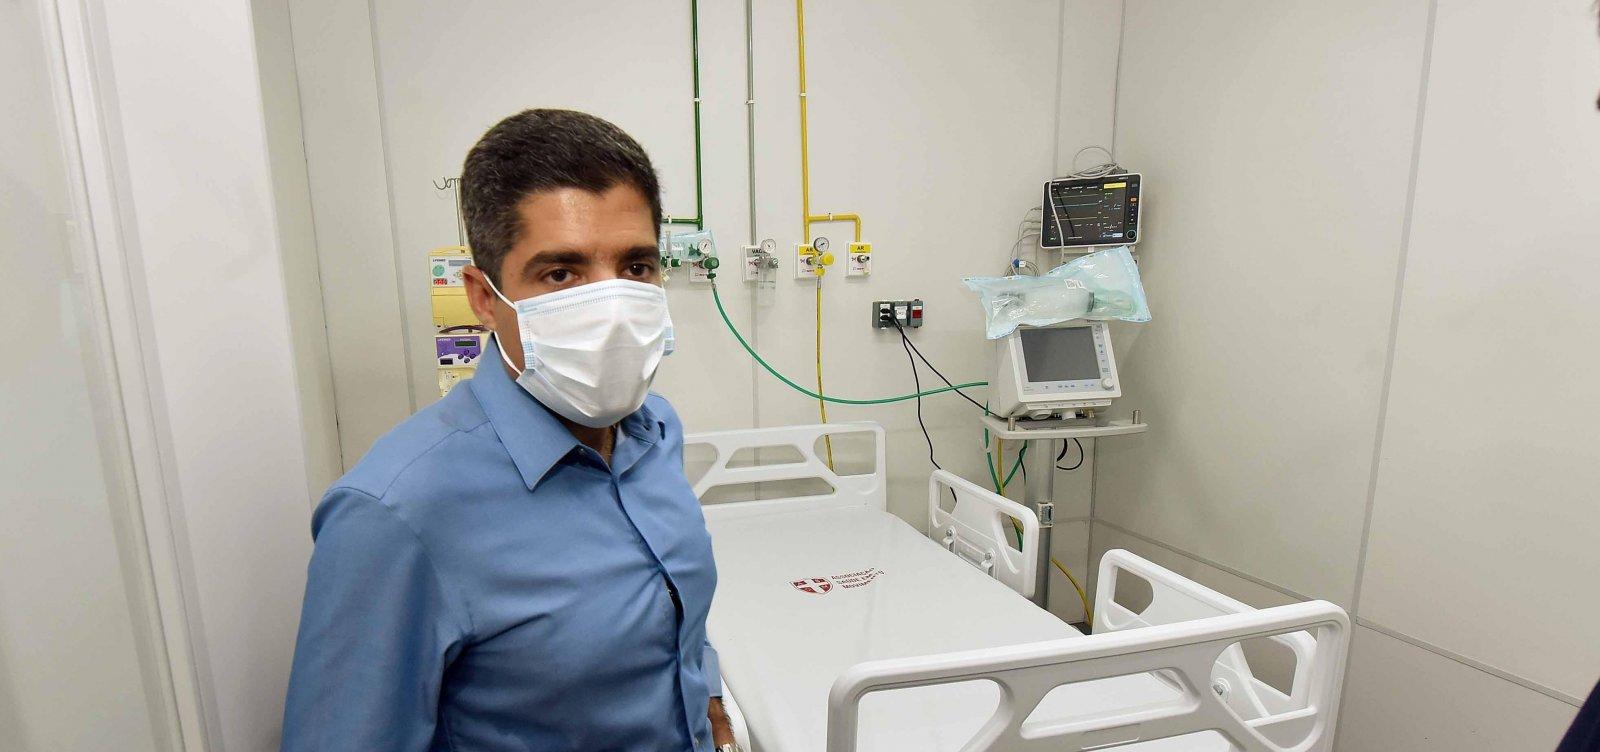 [ACM Neto não está infectado pelo novo coronavírus; prefeitura apresenta exames]